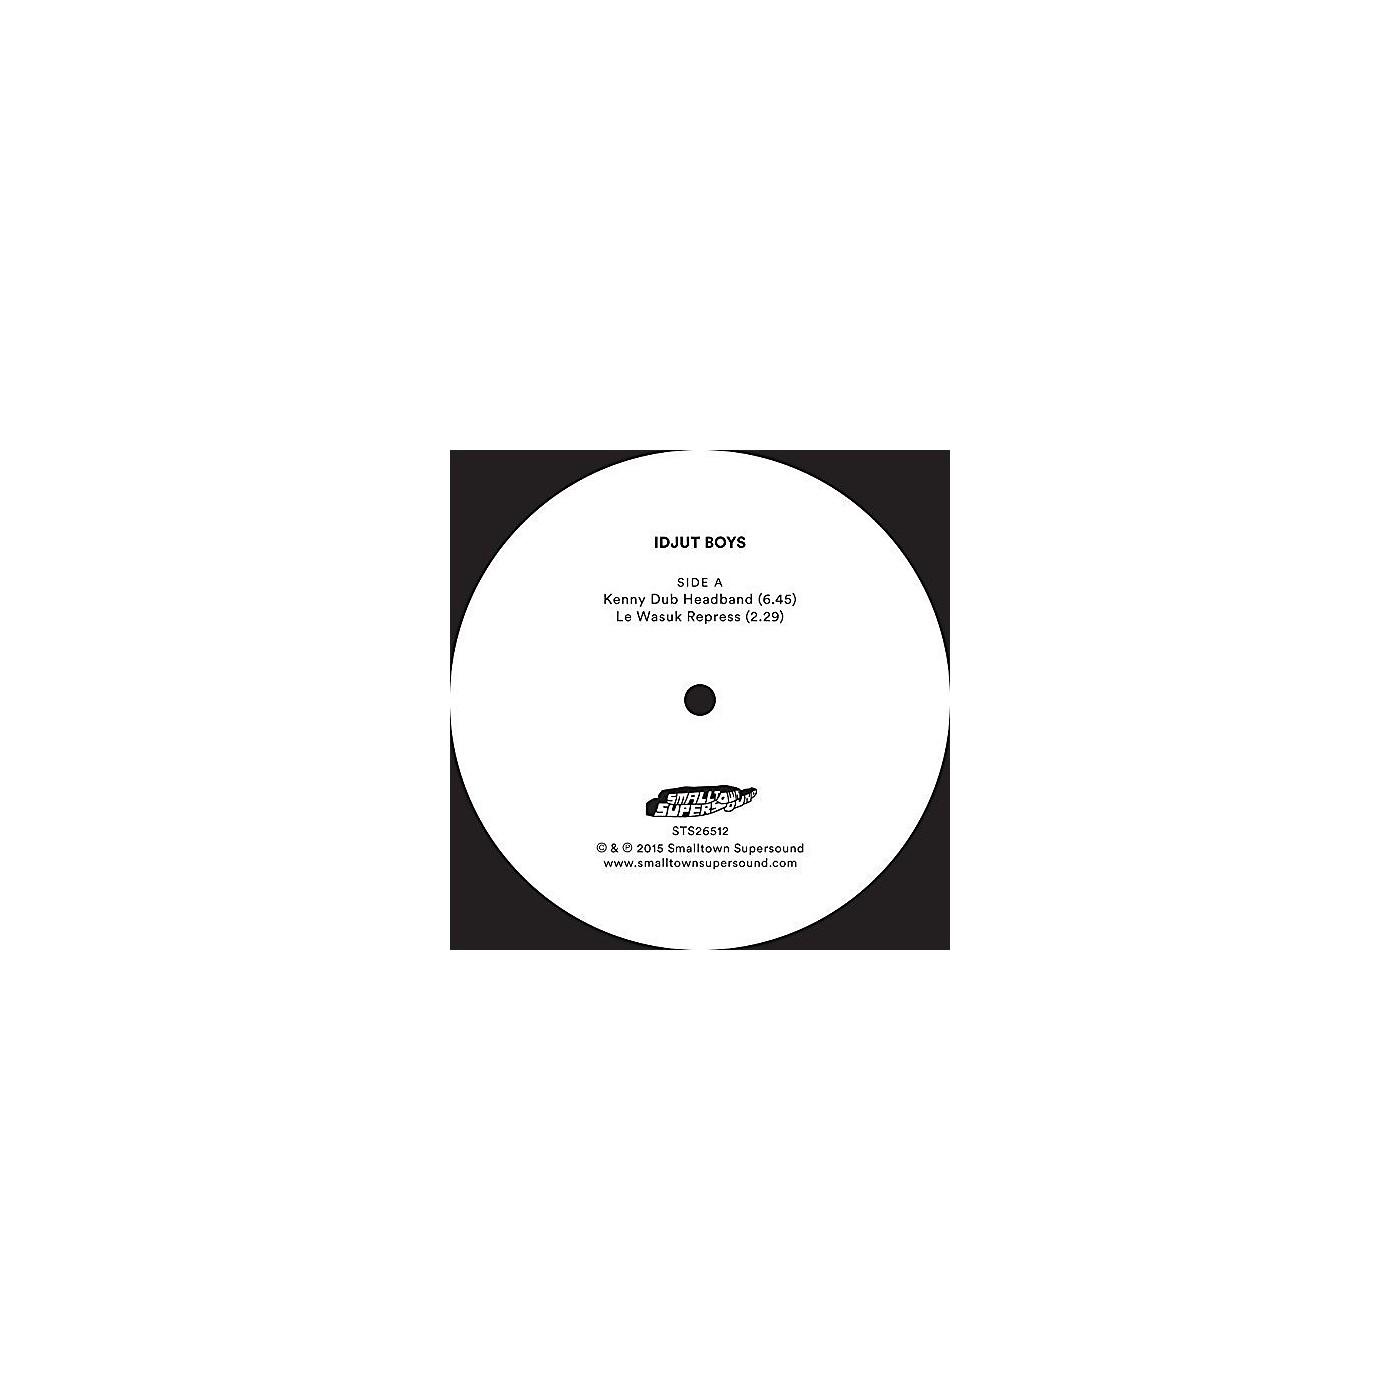 Alliance Idjut Boys - Kenny Dub Headband thumbnail